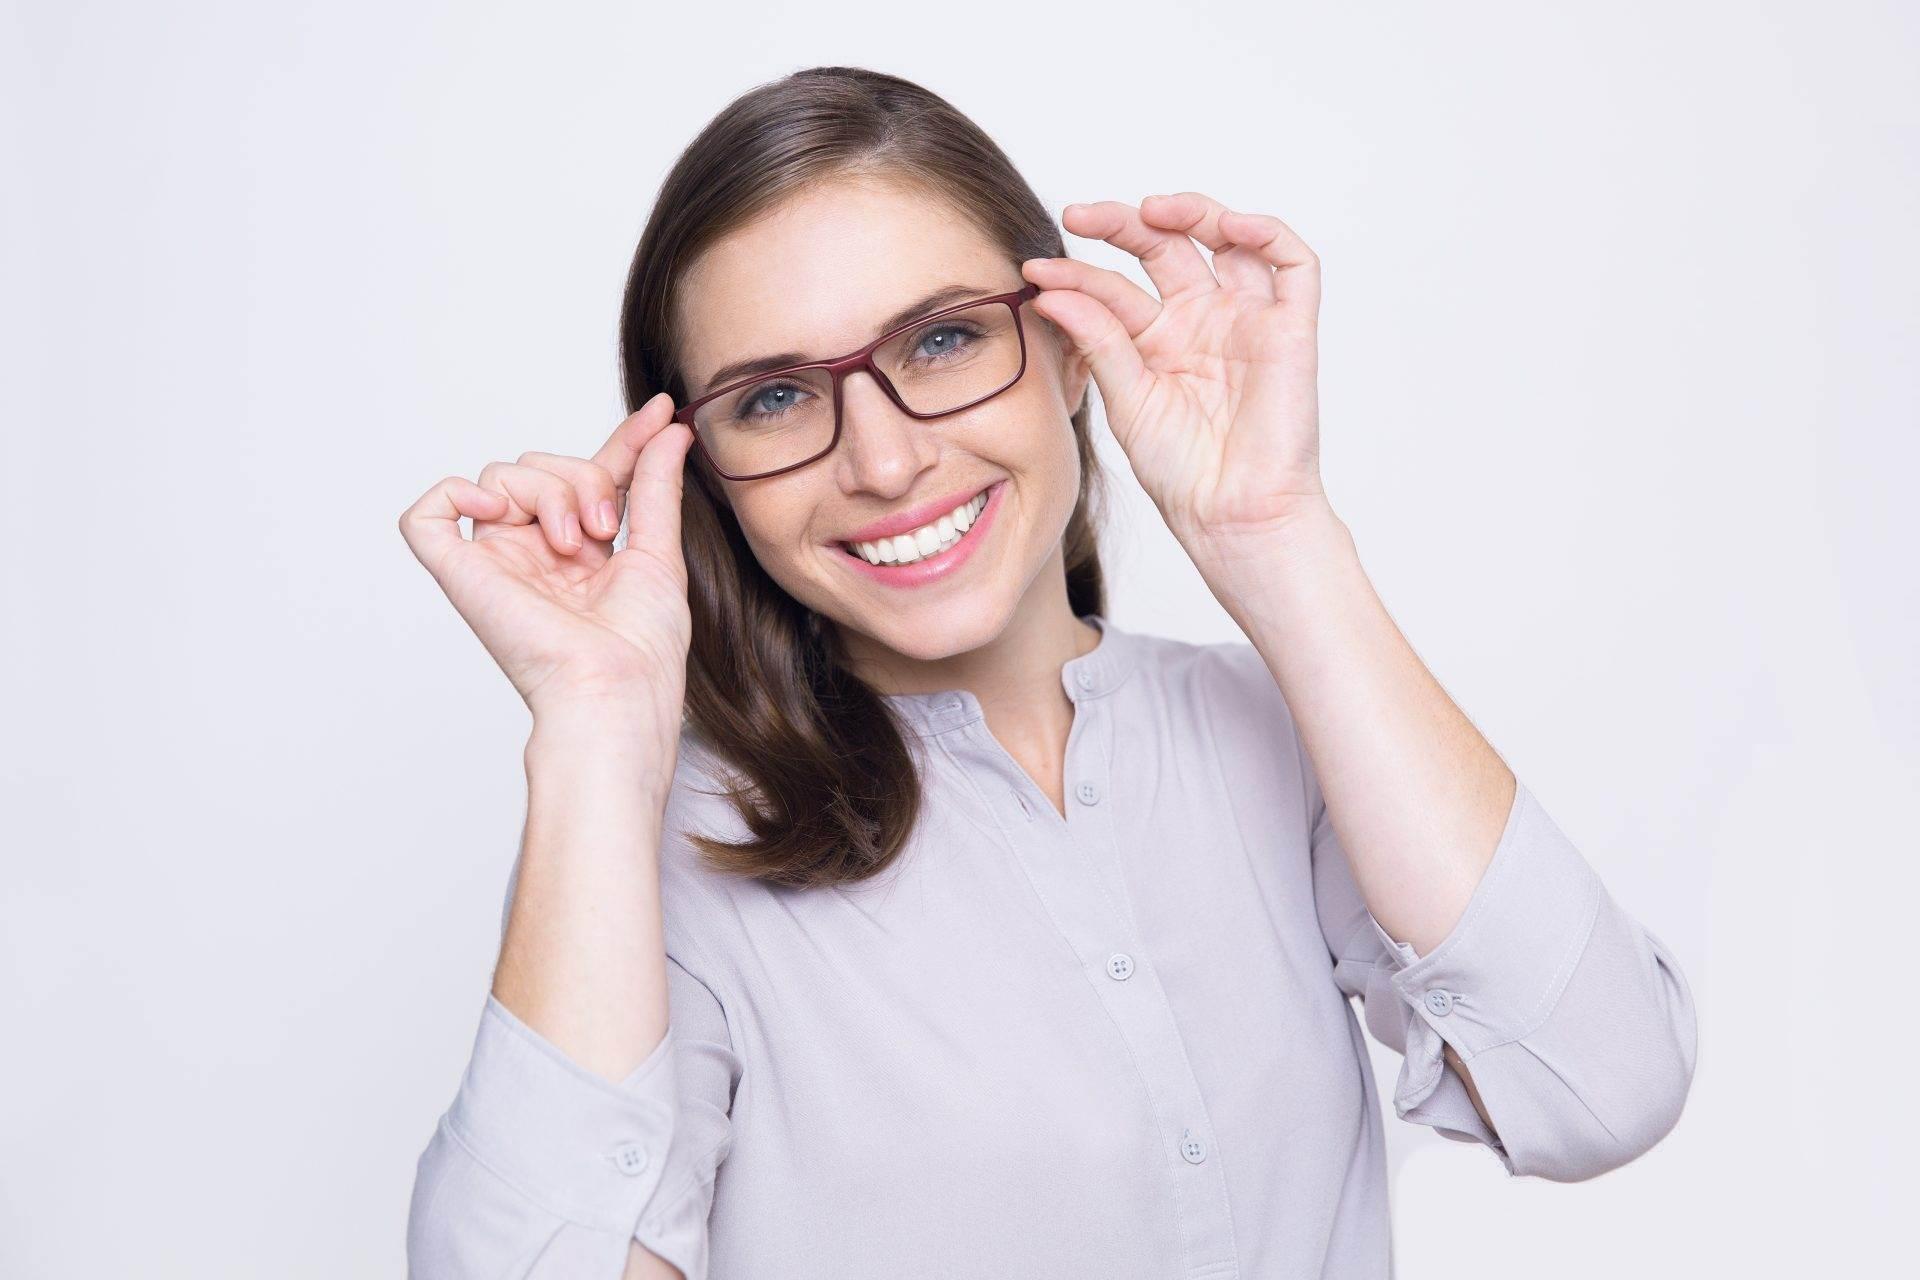 mejorando-optica-manizales